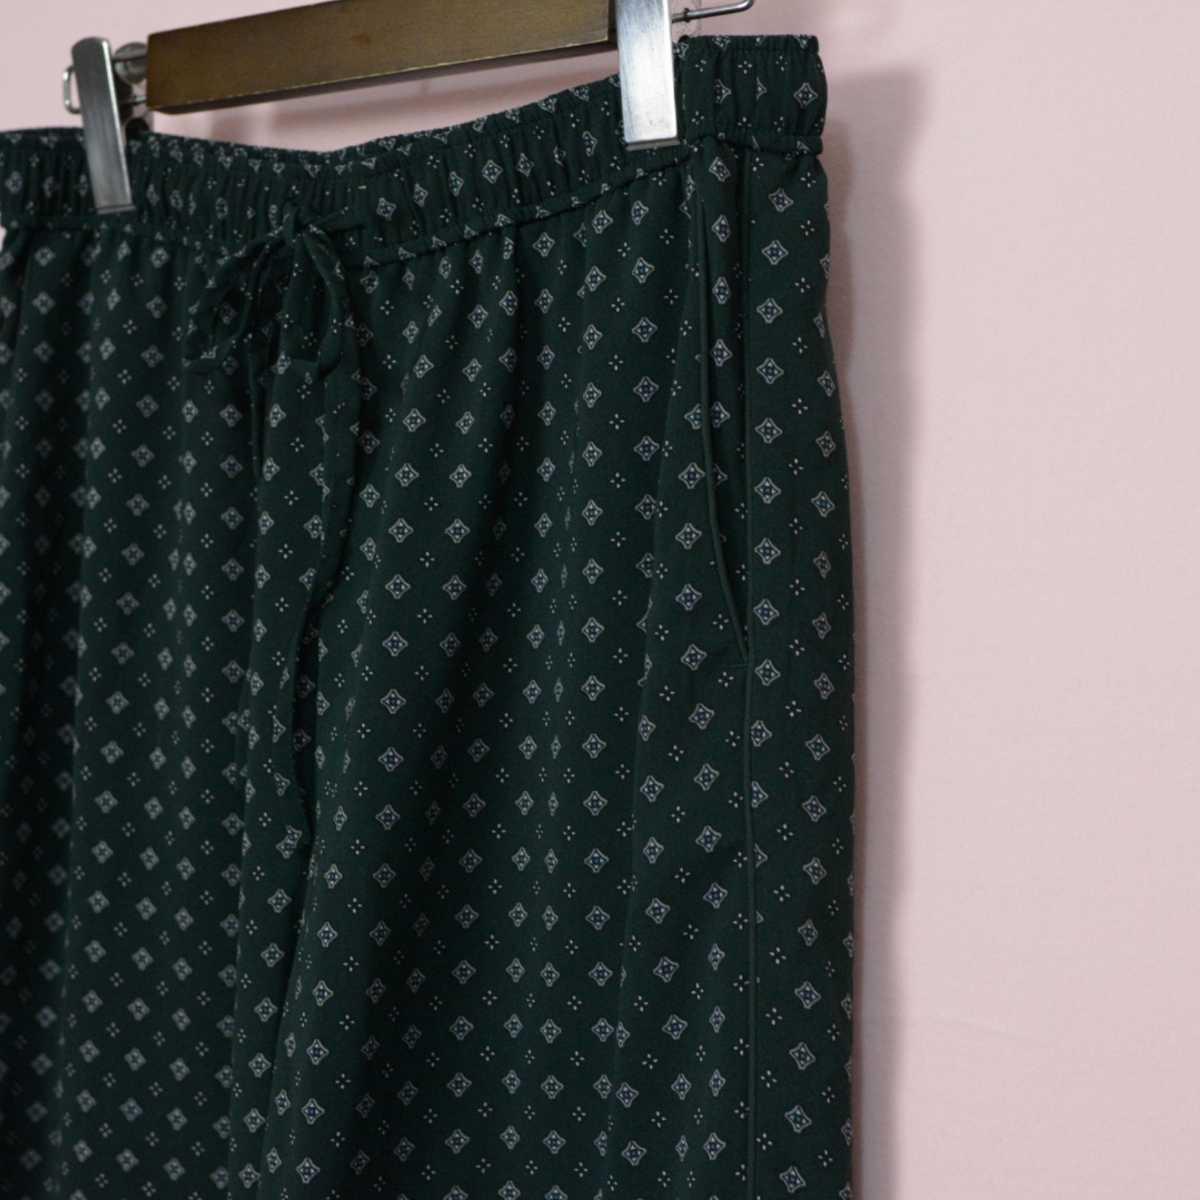 niko and ニコアンド ポリエステ ワイド イージー パンツ 4 大きいサイズ ボトム ウエストゴム 総柄